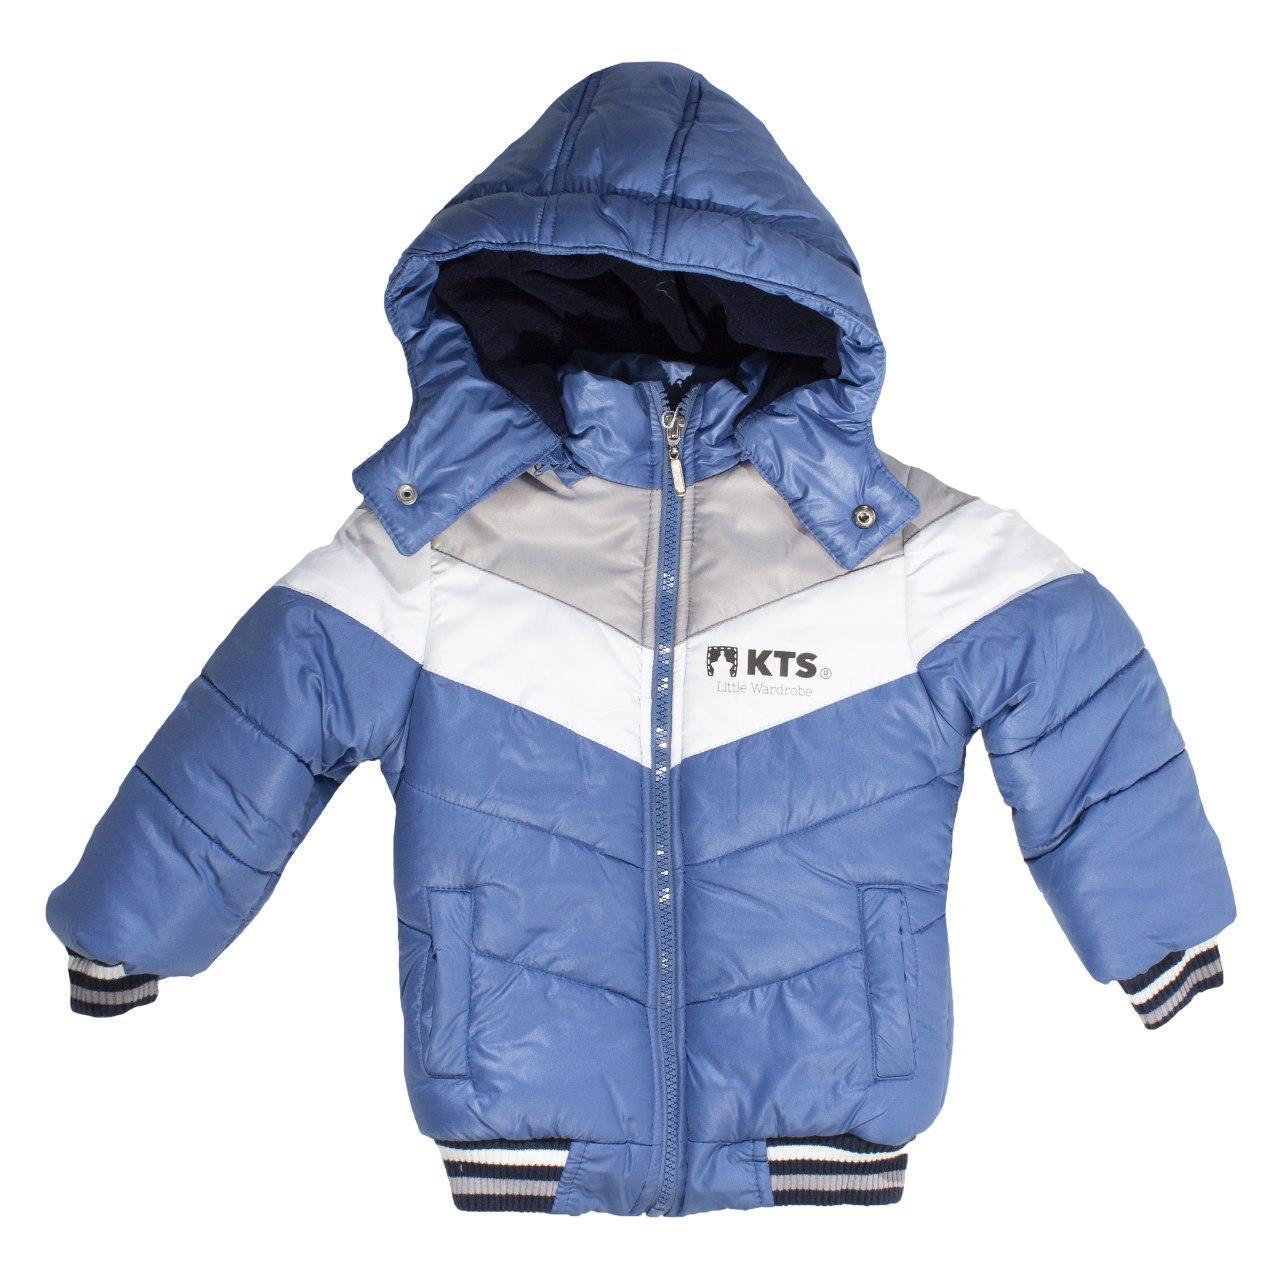 Зимова куртка для хлопчика, еврозима, розмір 4 роки